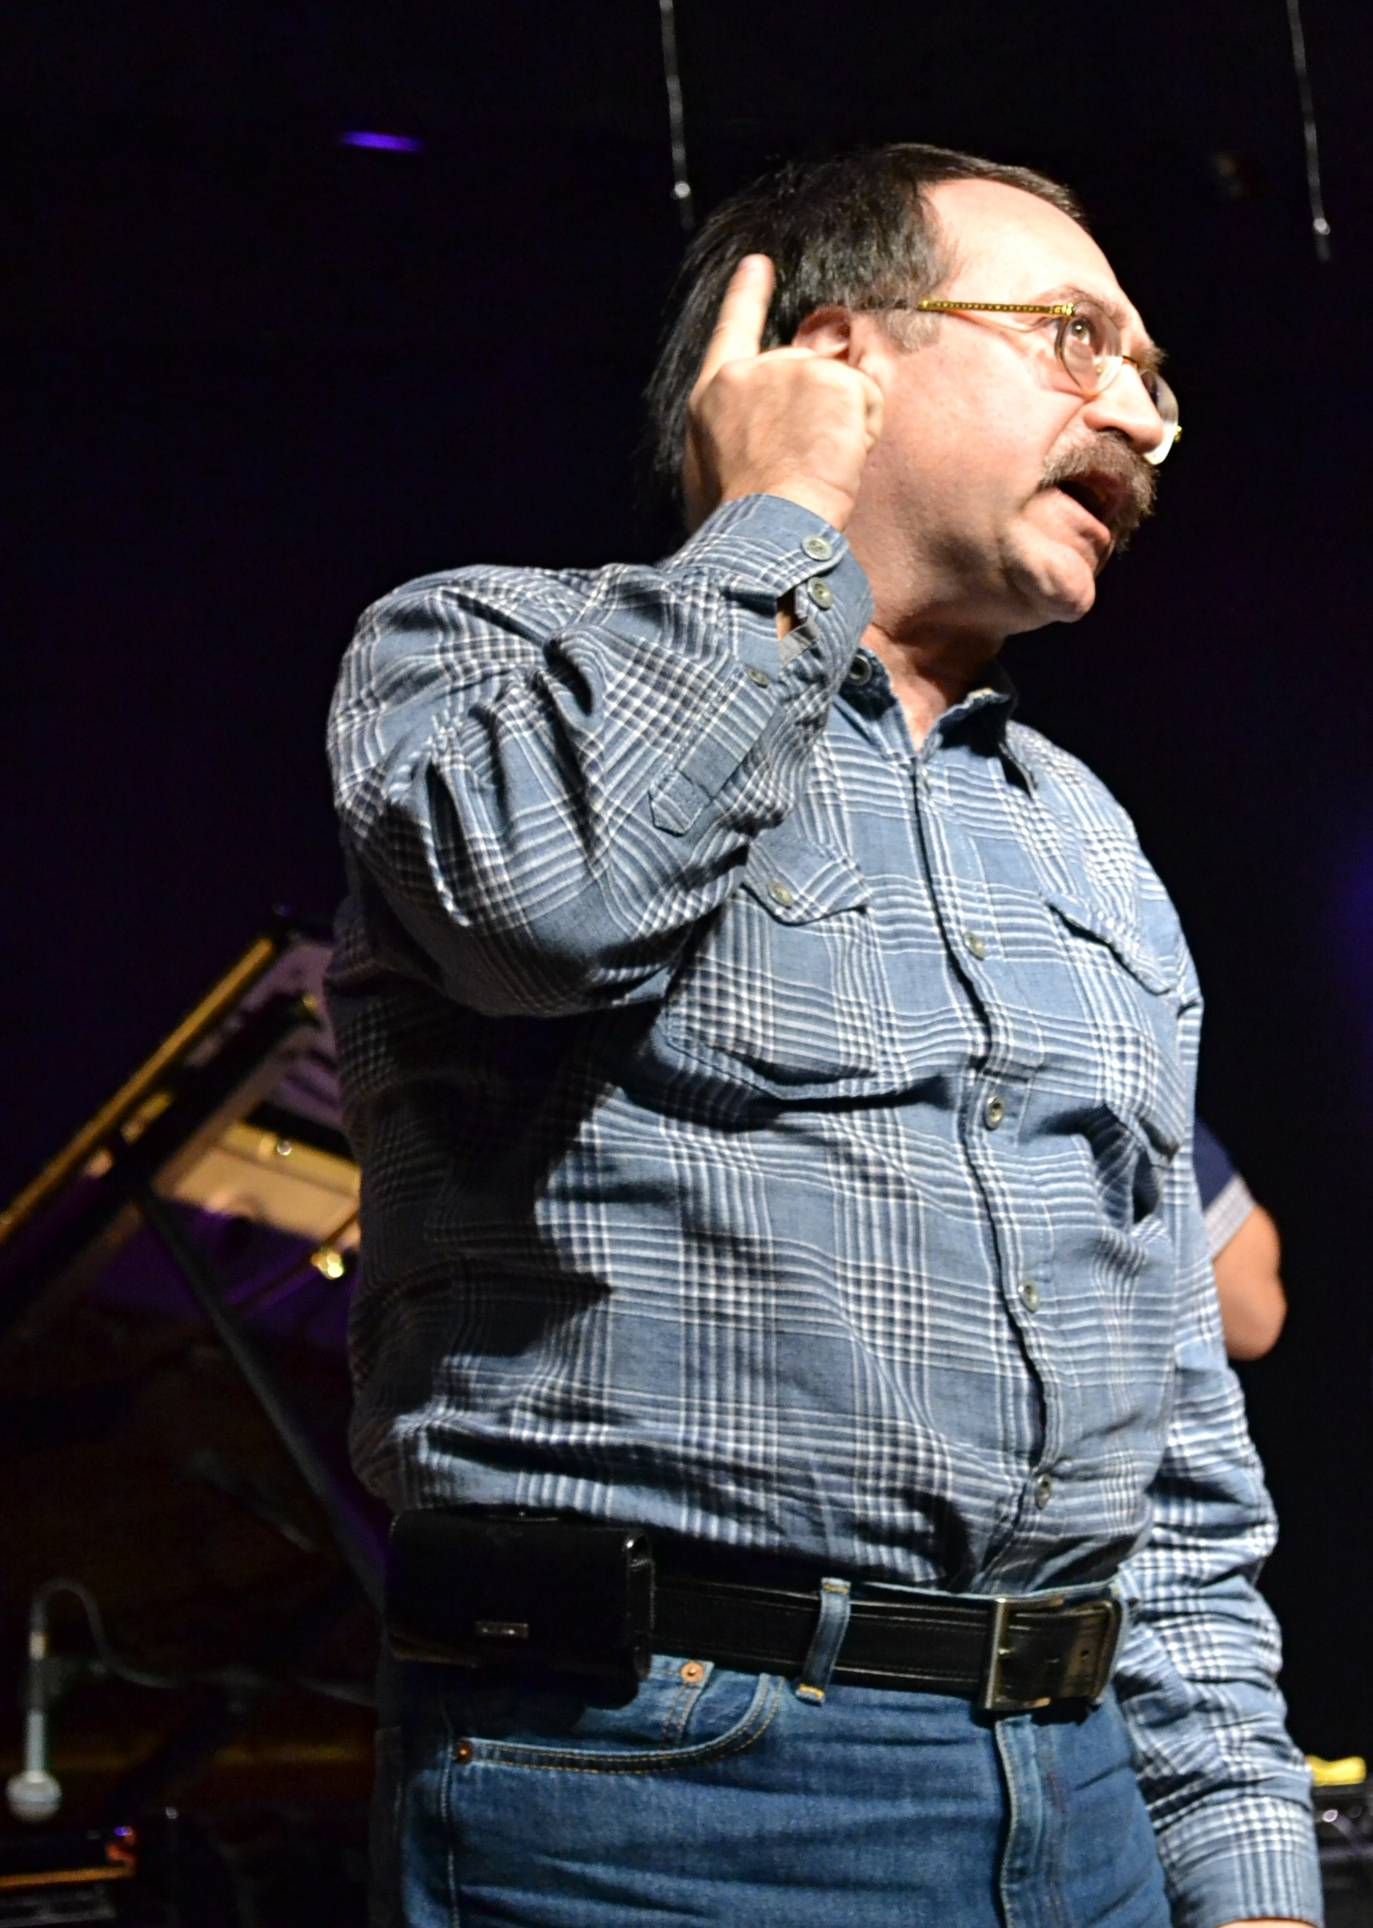 Даже на репетициях Даниил Крамер держит востро свой абсолютный слух. Фото: Александр Поскребышев